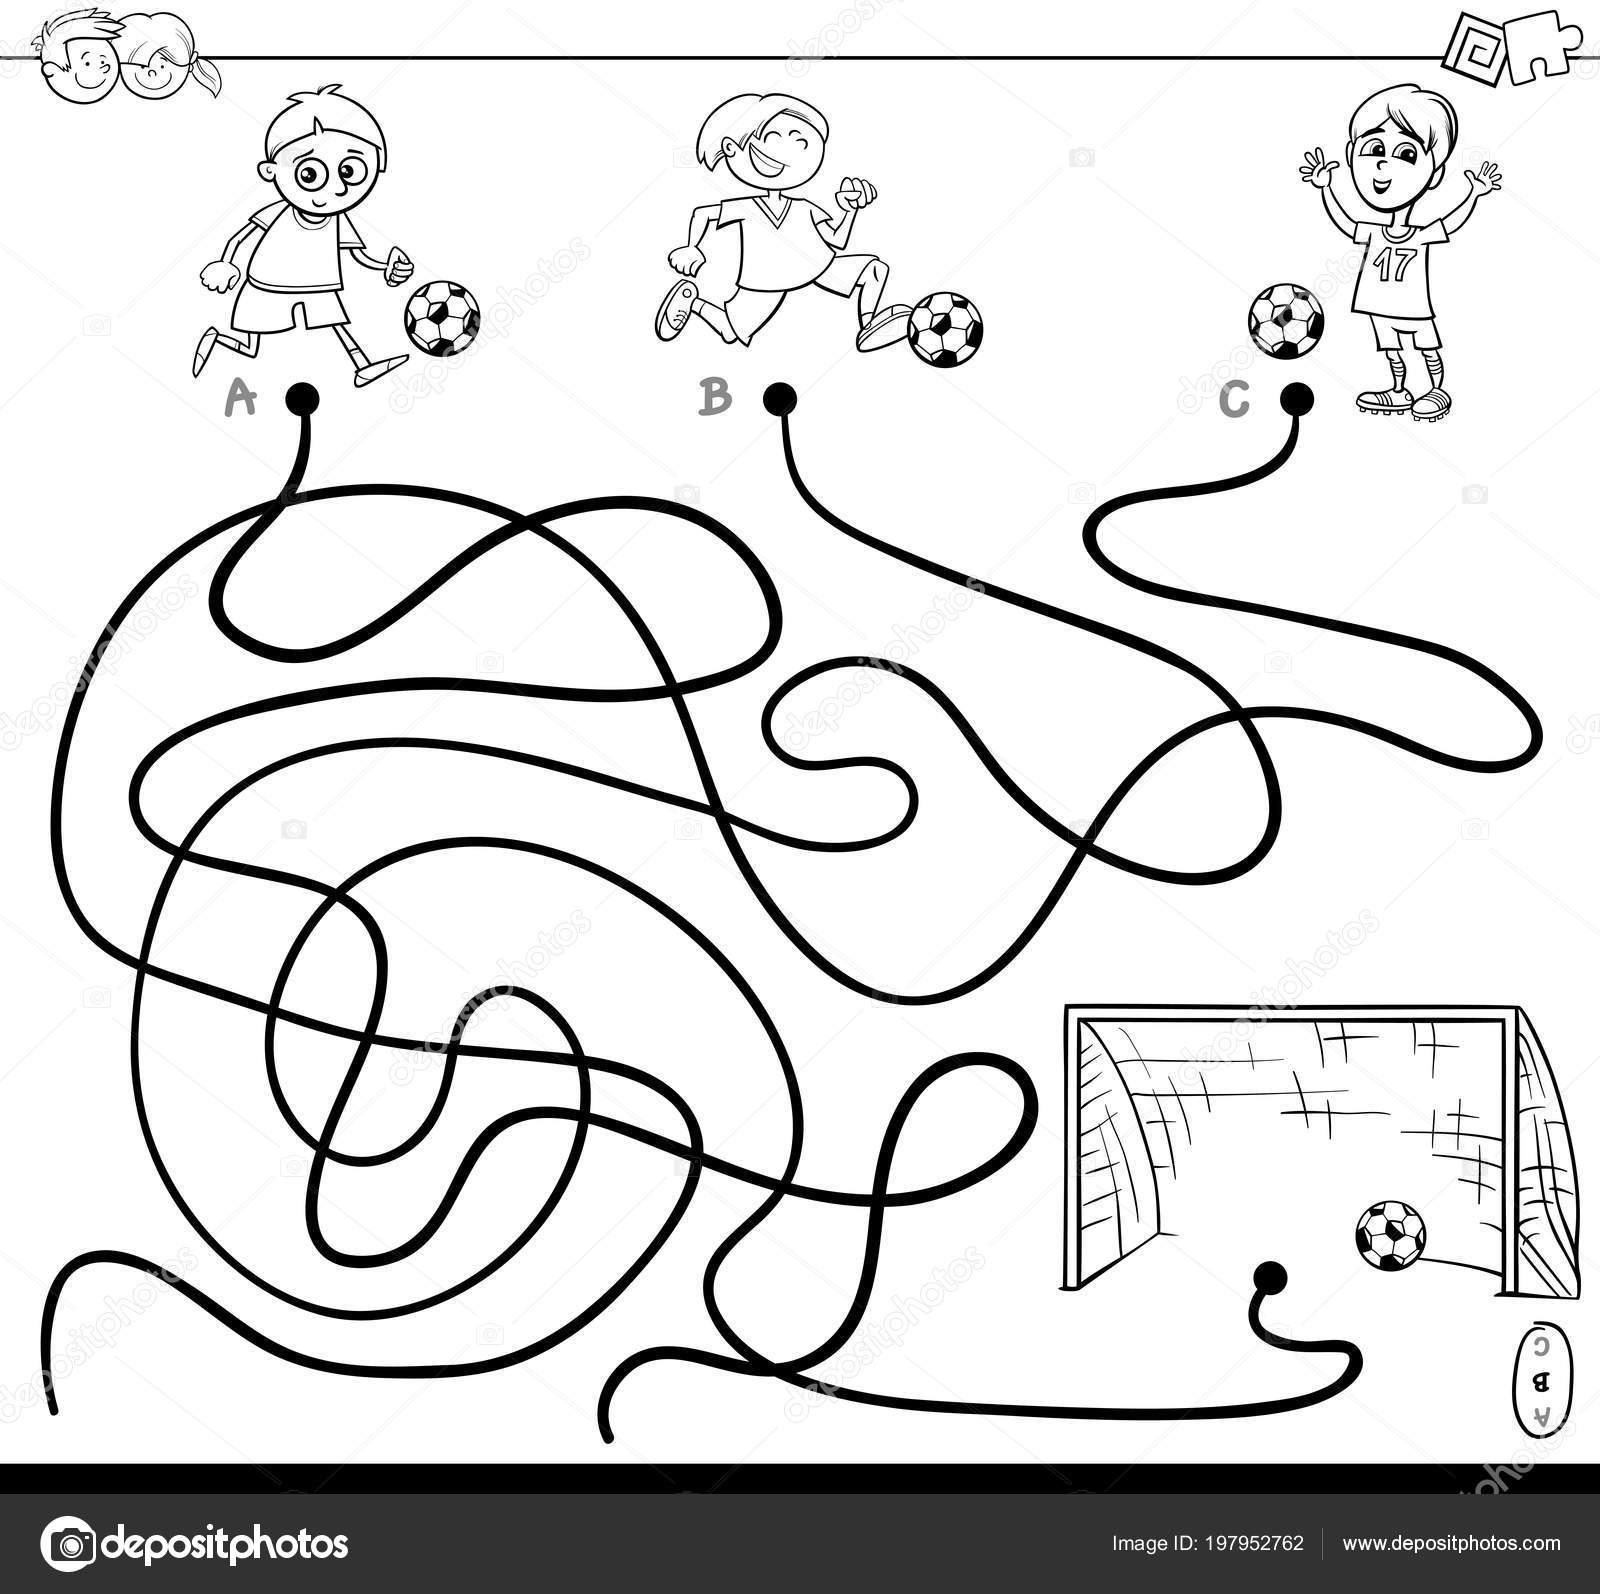 Ilustración Dibujos Animados Blanco Negro Caminos Actividad ...